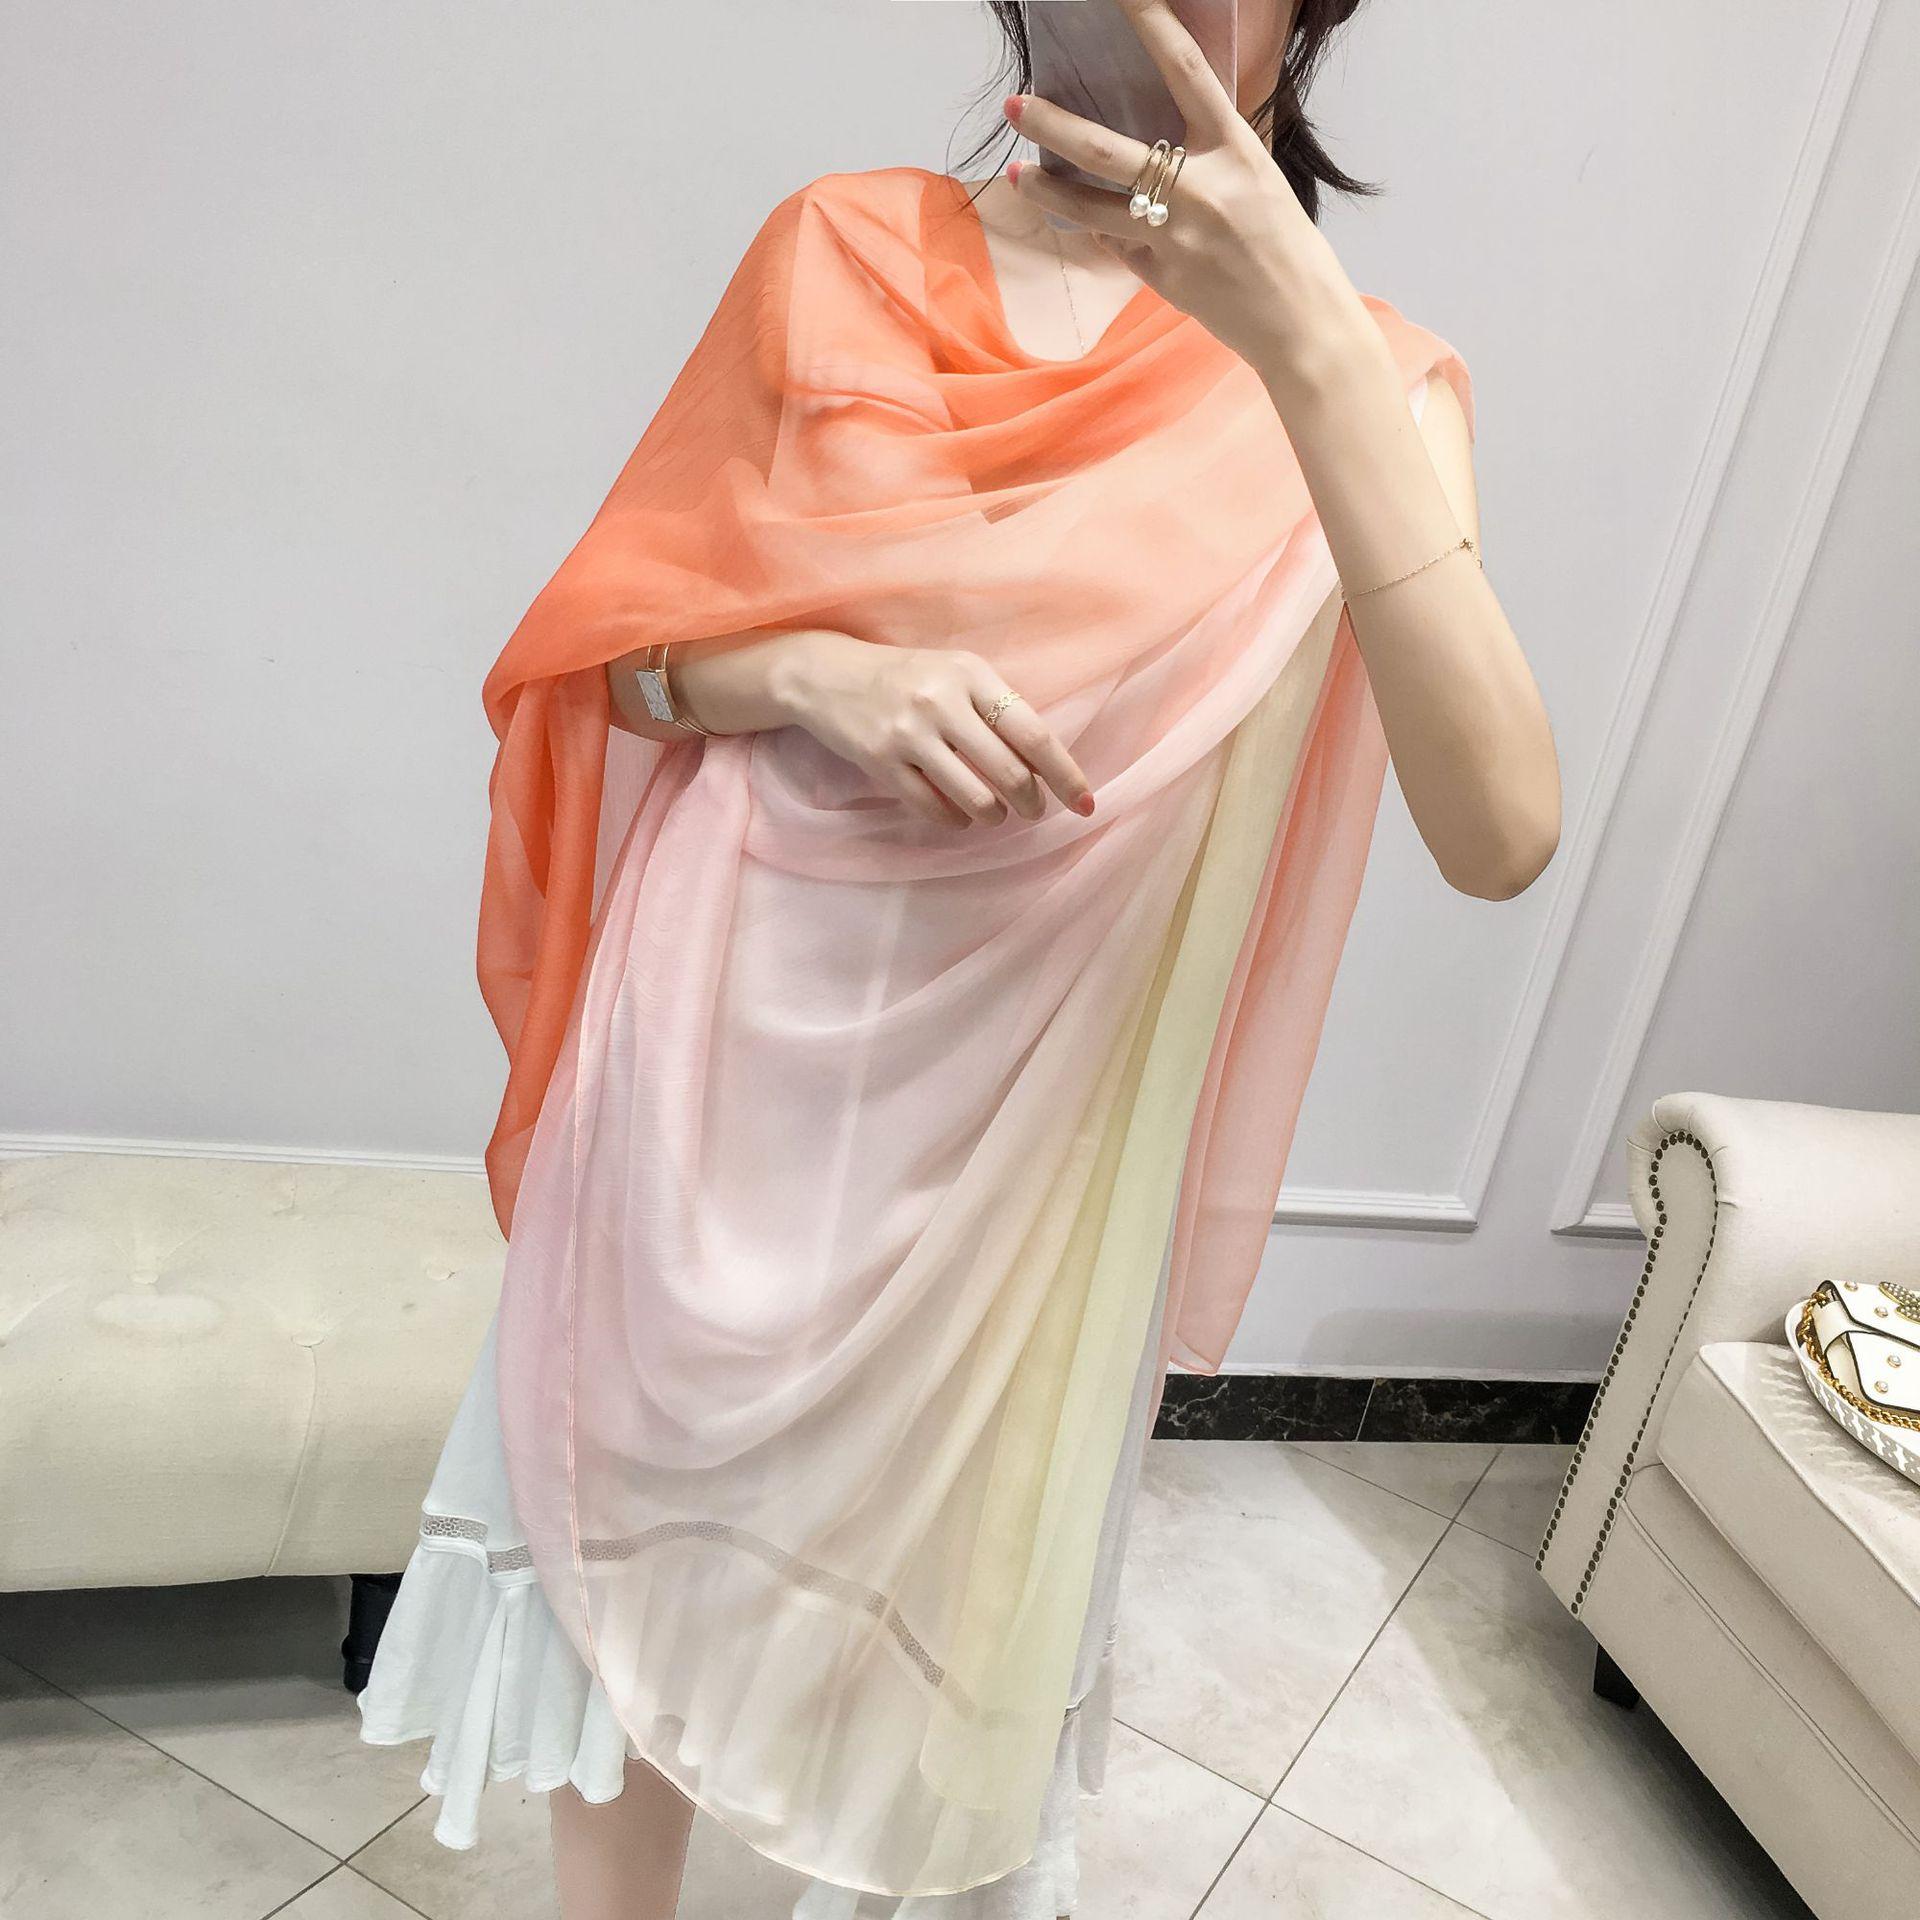 Kosneo Khăn biến màu Khăn quàng cổ phiên bản Hàn Quốc của mùa xuân dài hoang dã khăn quàng dài màu b